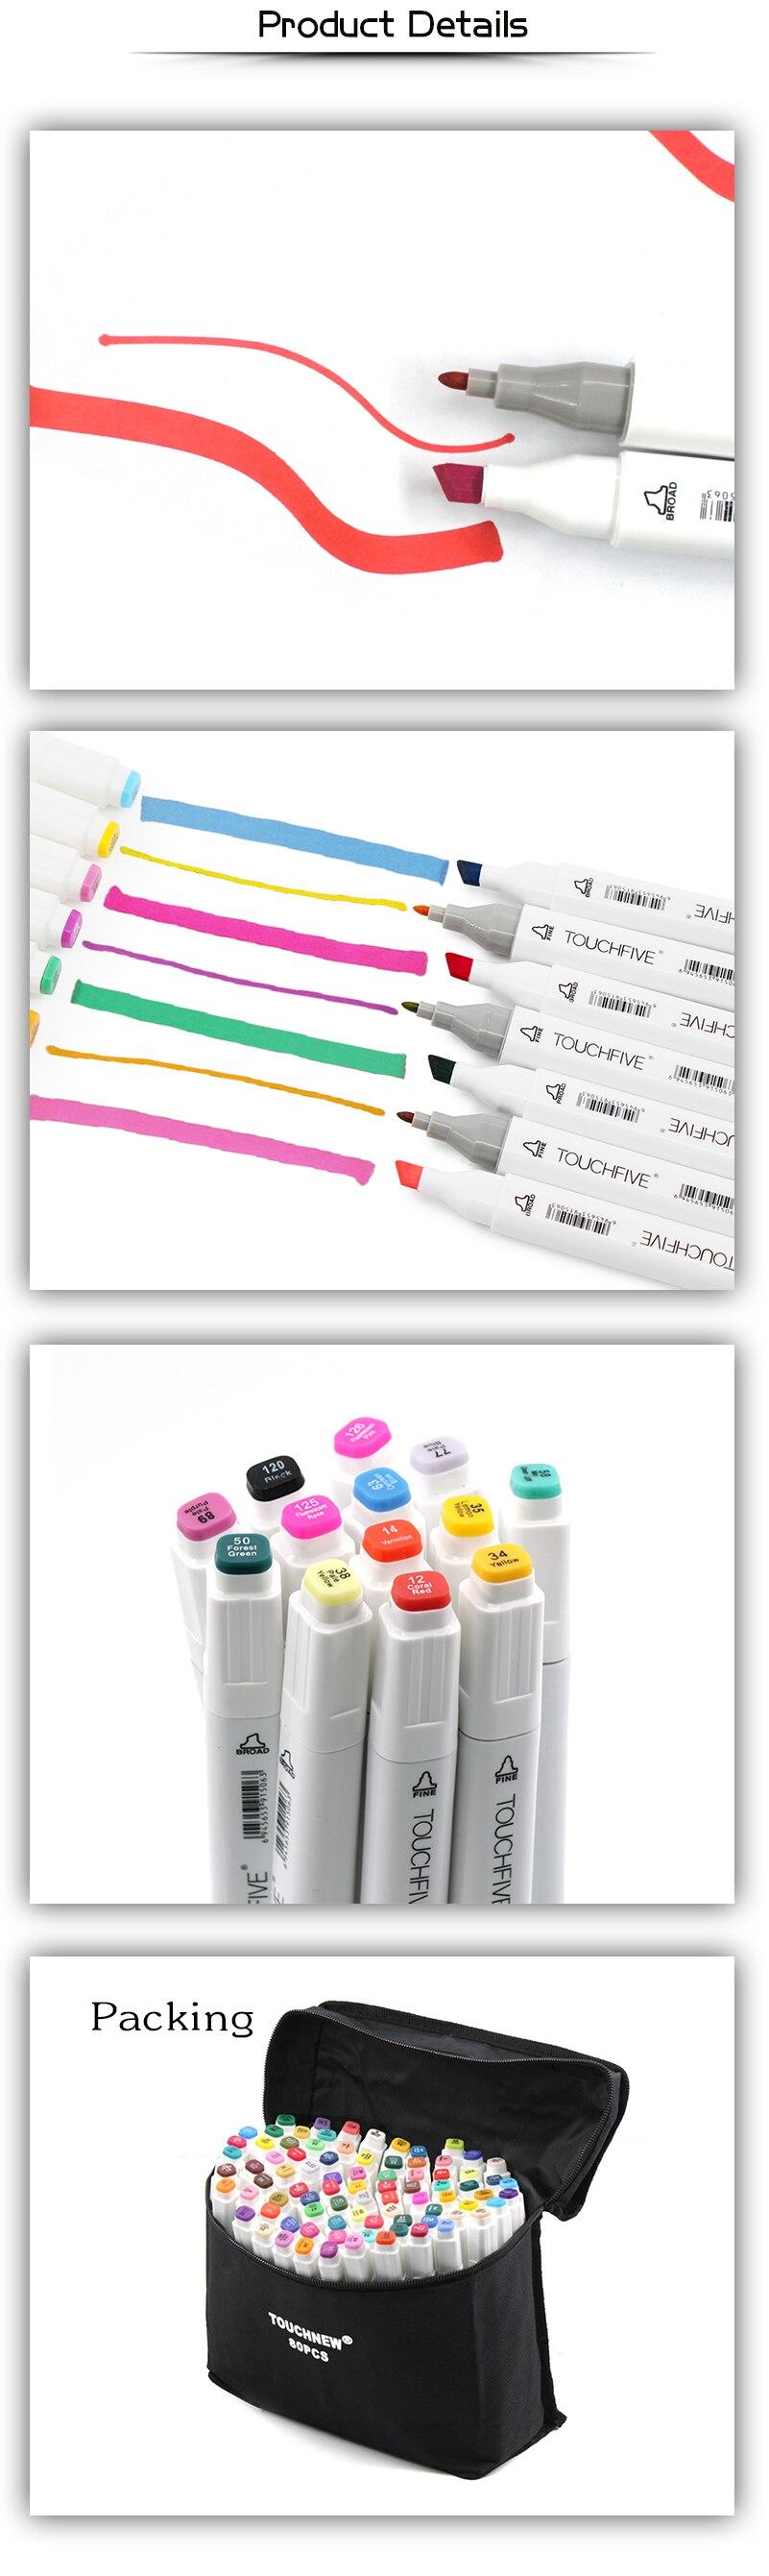 caneta escova alcoólica oleosa baseada tinta marcador